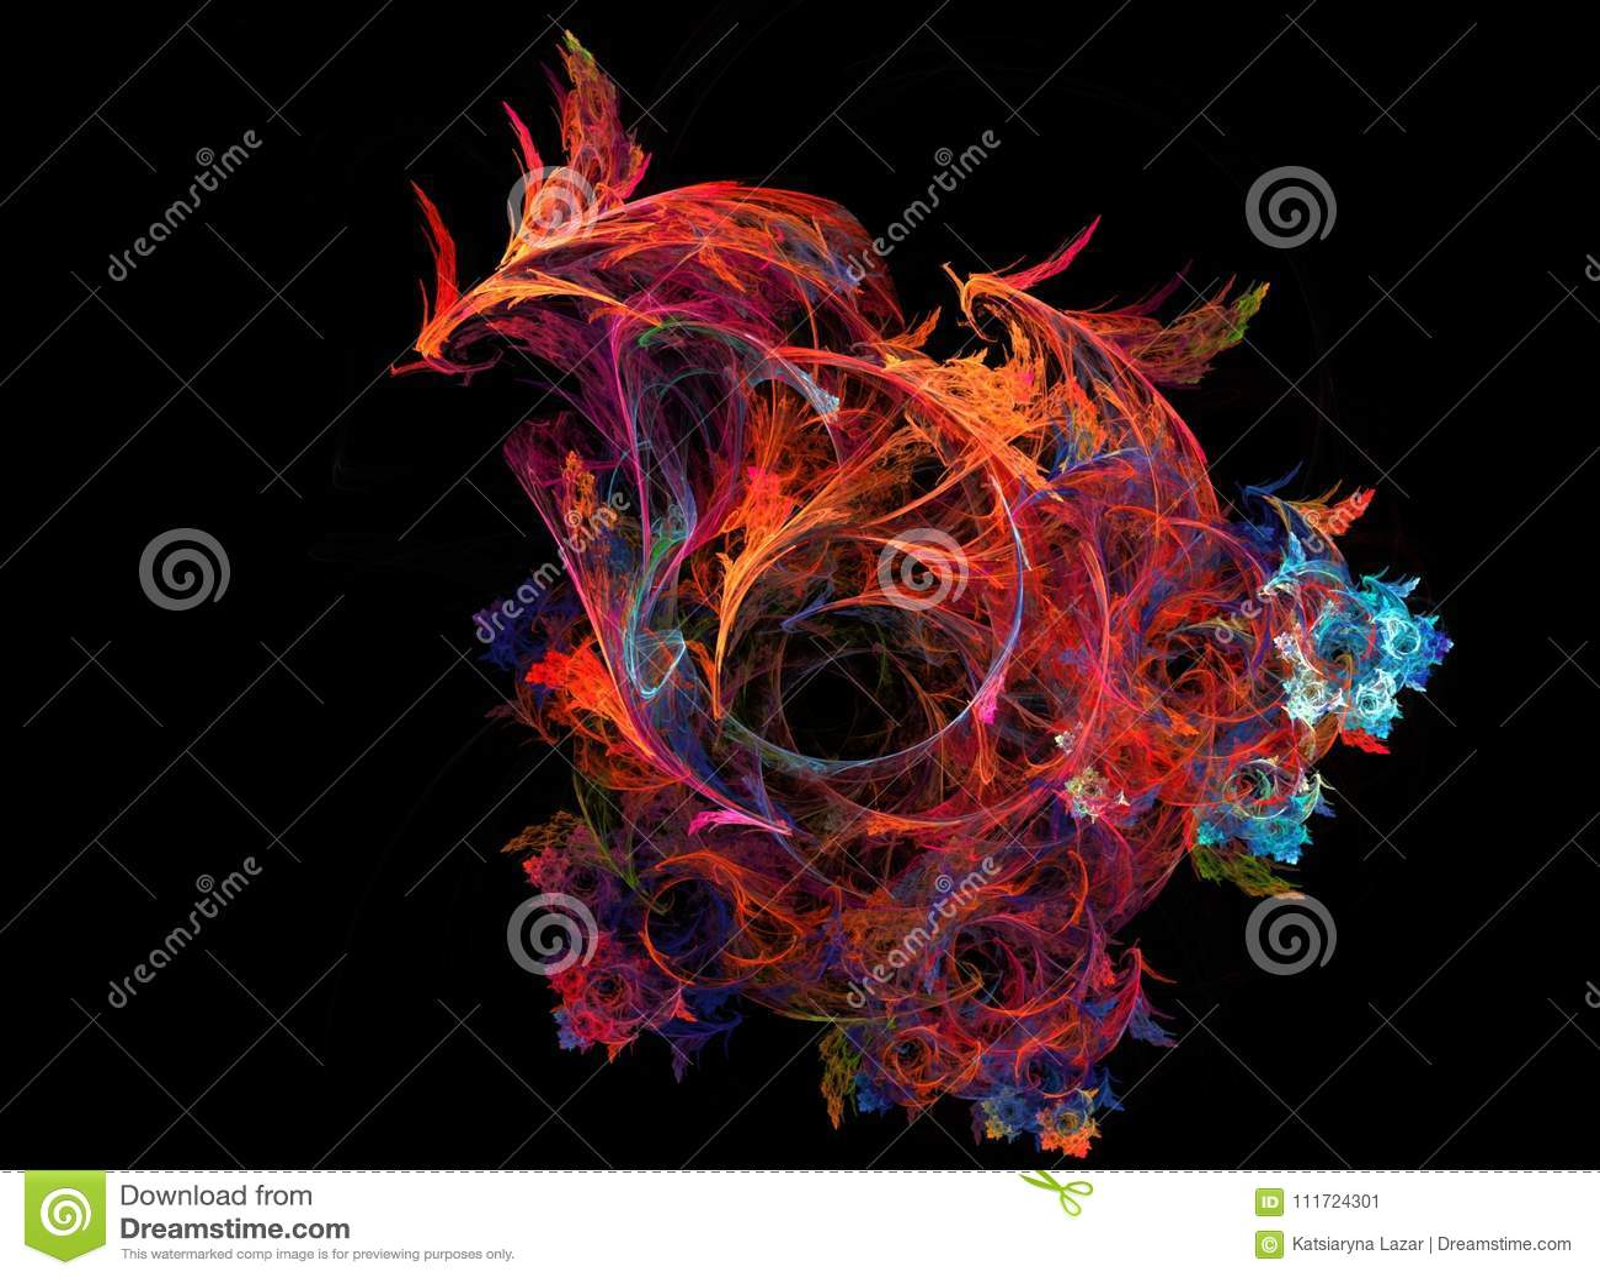 Дракон птицы Феникса огня машинной графики Дым музыки искусства цифров Предпосылка фрактали графическая красочная